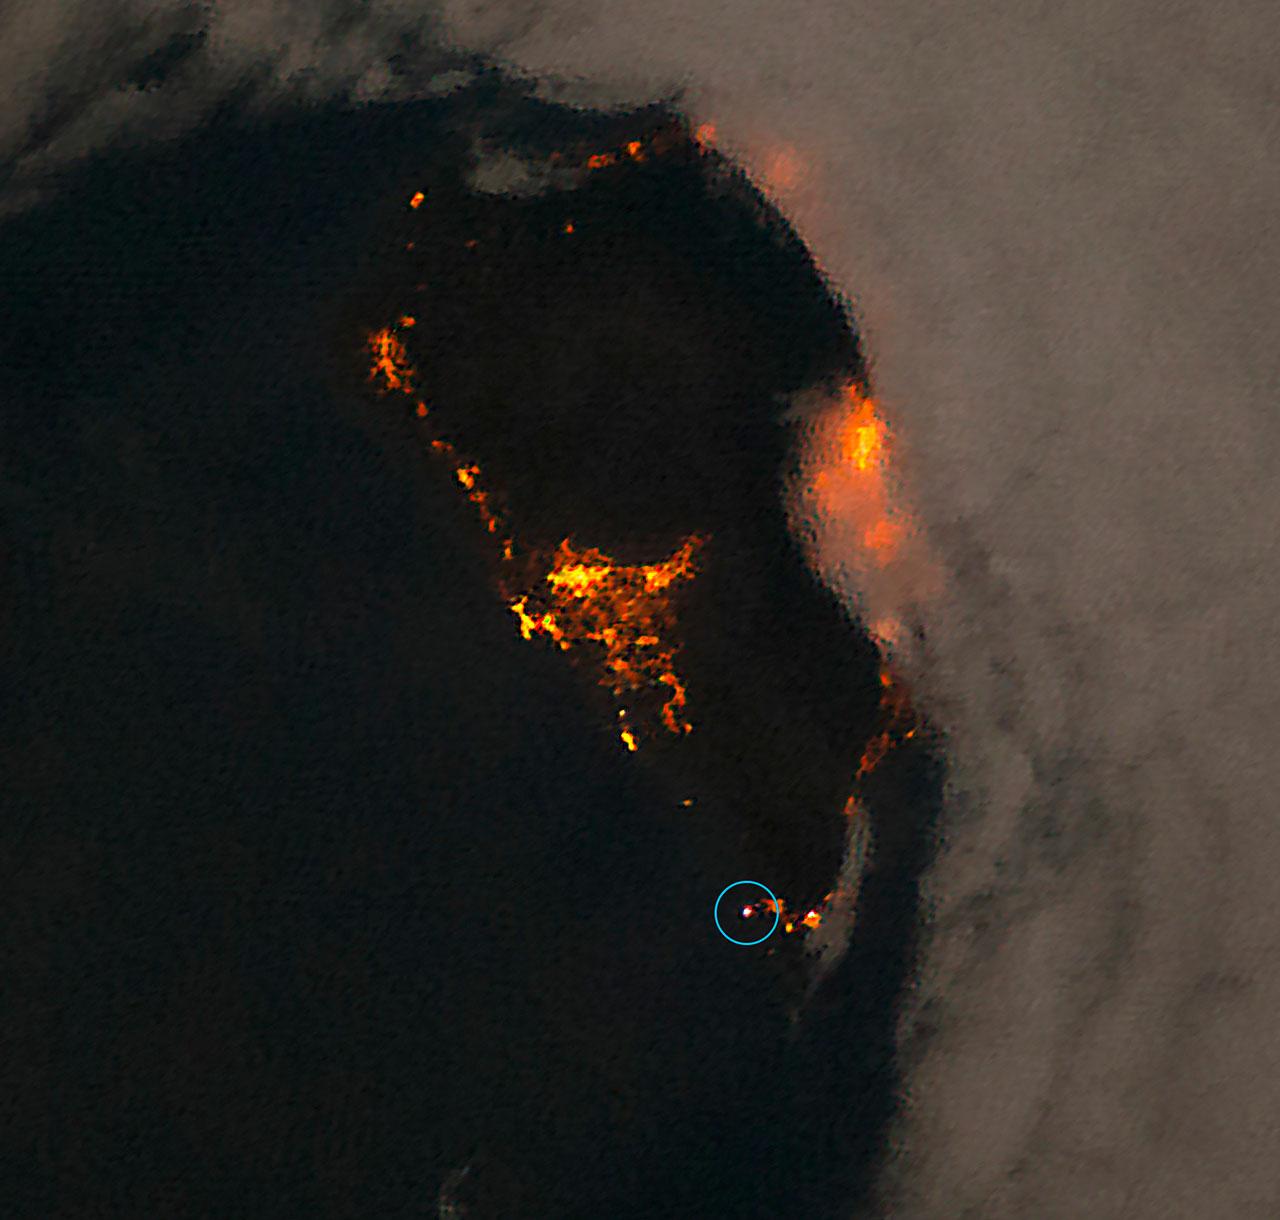 La Palma bei Nacht - ein Schutzraum für die dunkle Nacht. Bild: NASA/ESA/A. Sánchez de Miguel